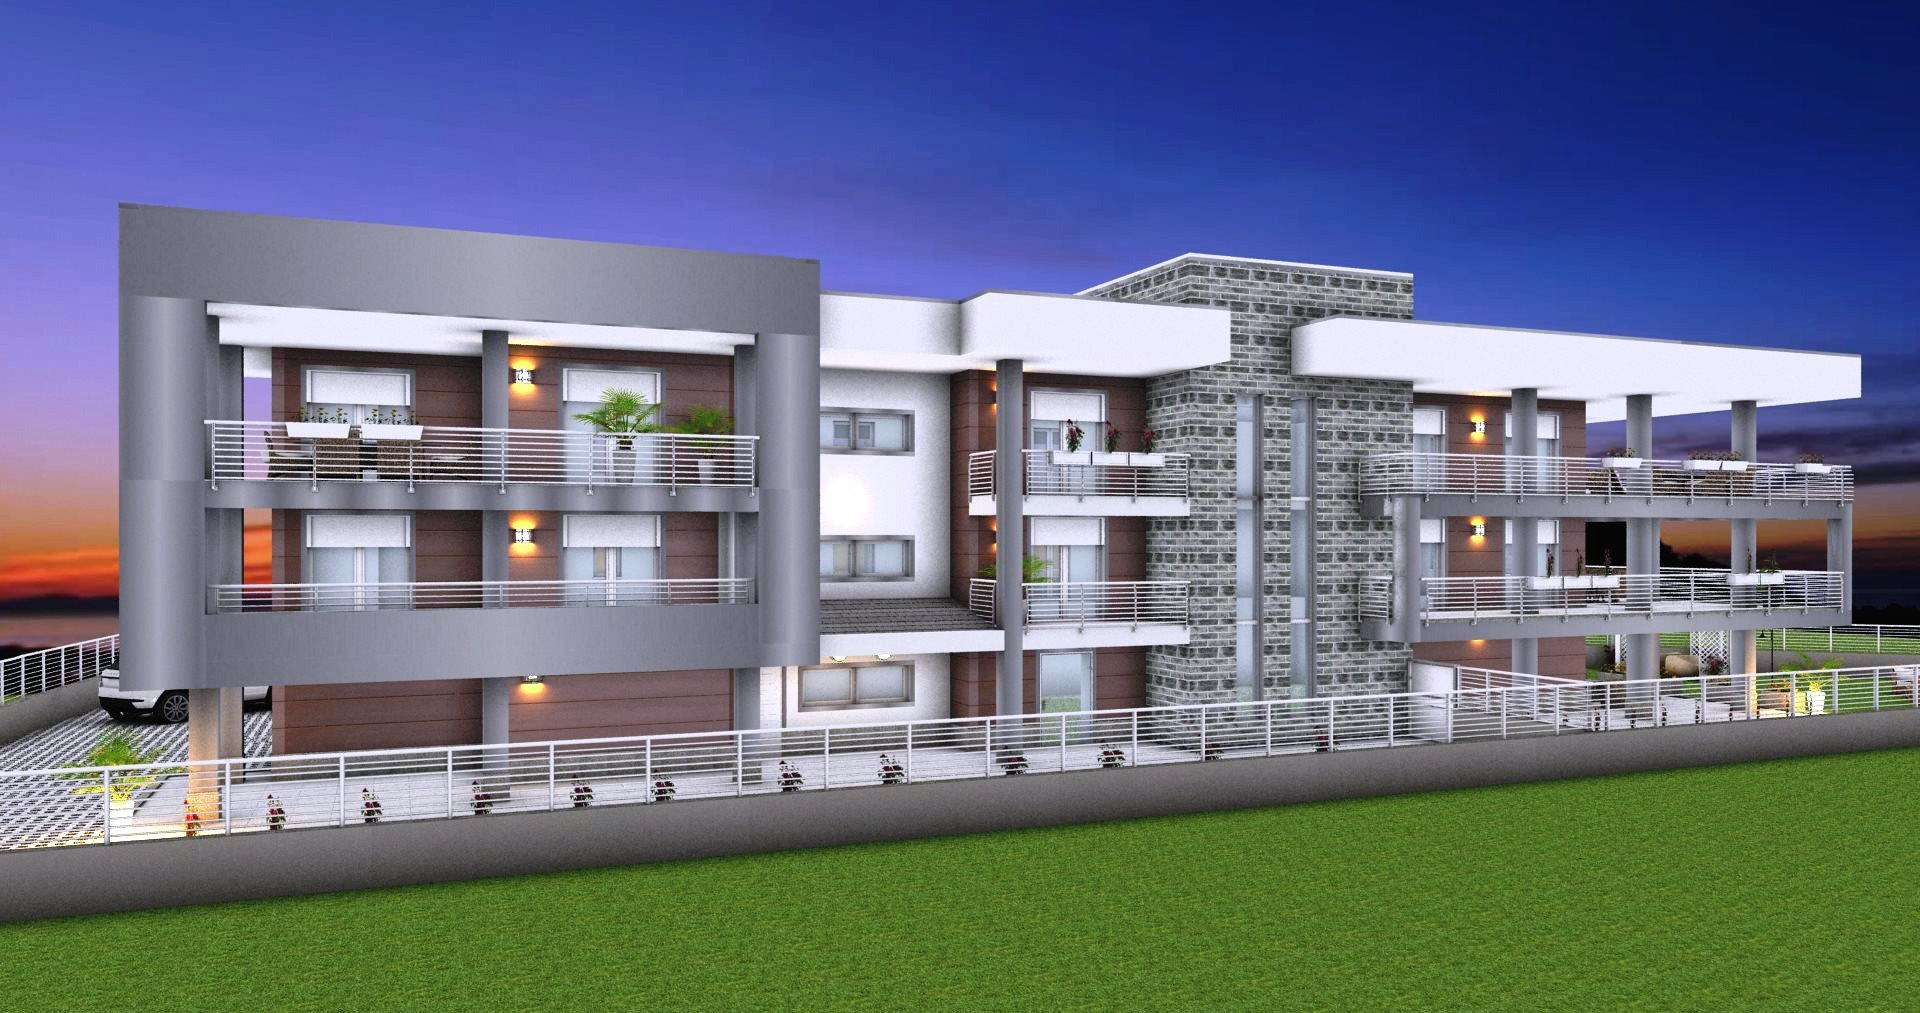 Case in vendita a lein guarnieri costruzioni s a s for Log planimetrie nuove case